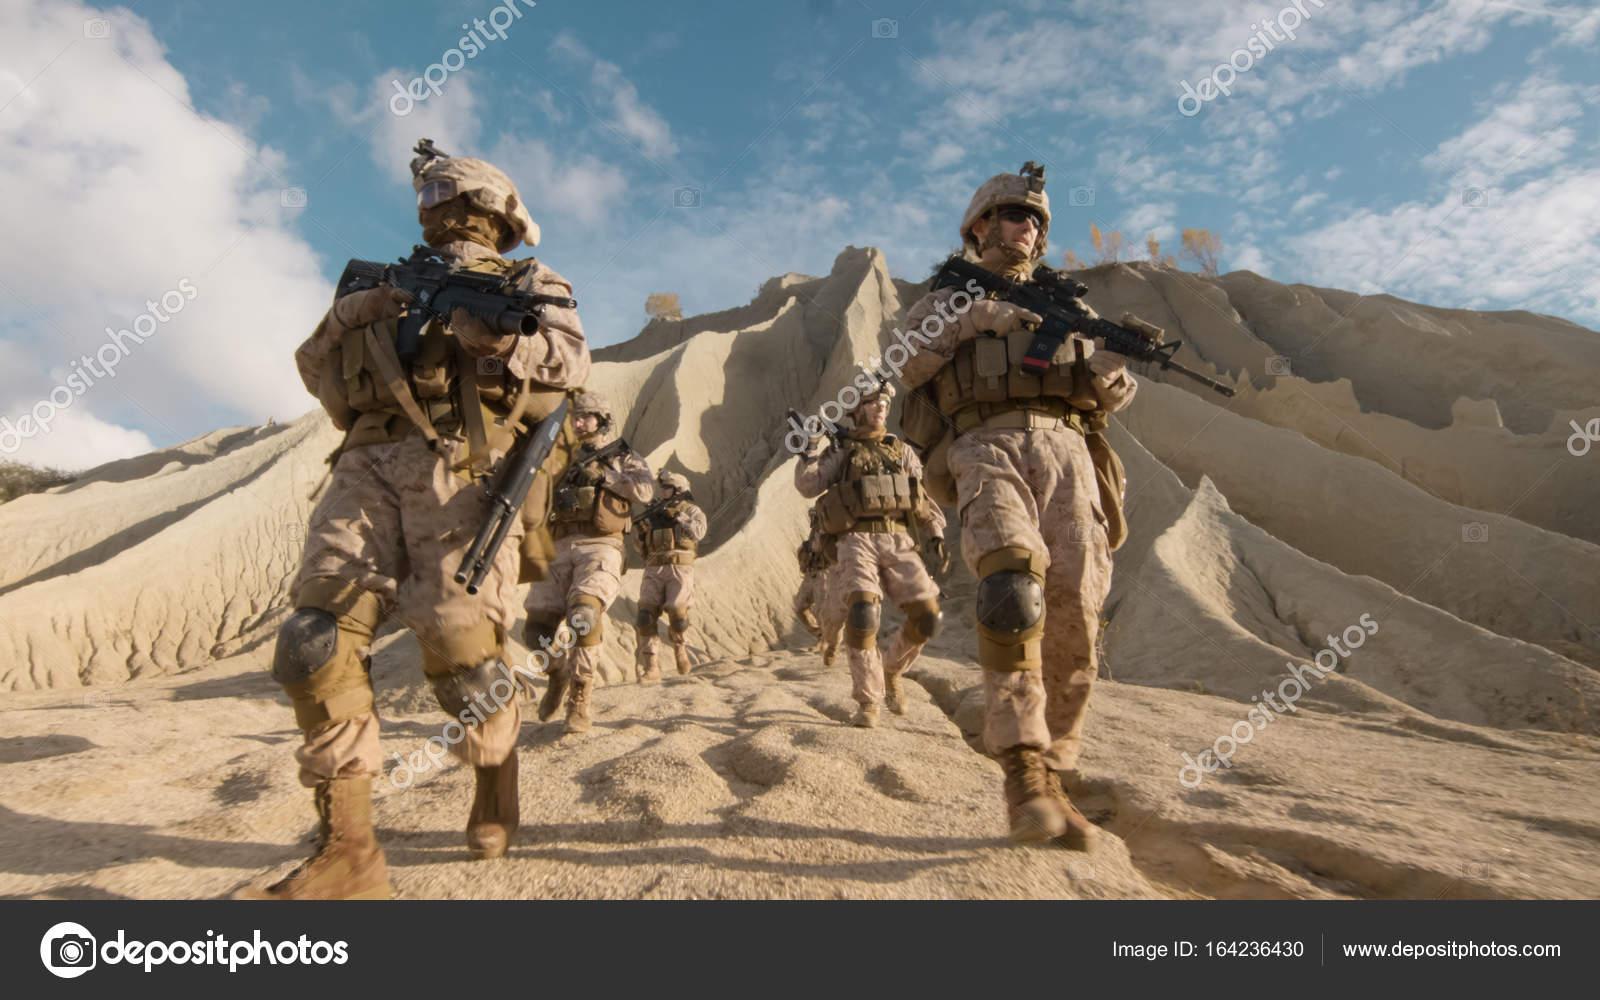 kader von bewaffnete soldaten zu fuß den hügel hinunter und voll